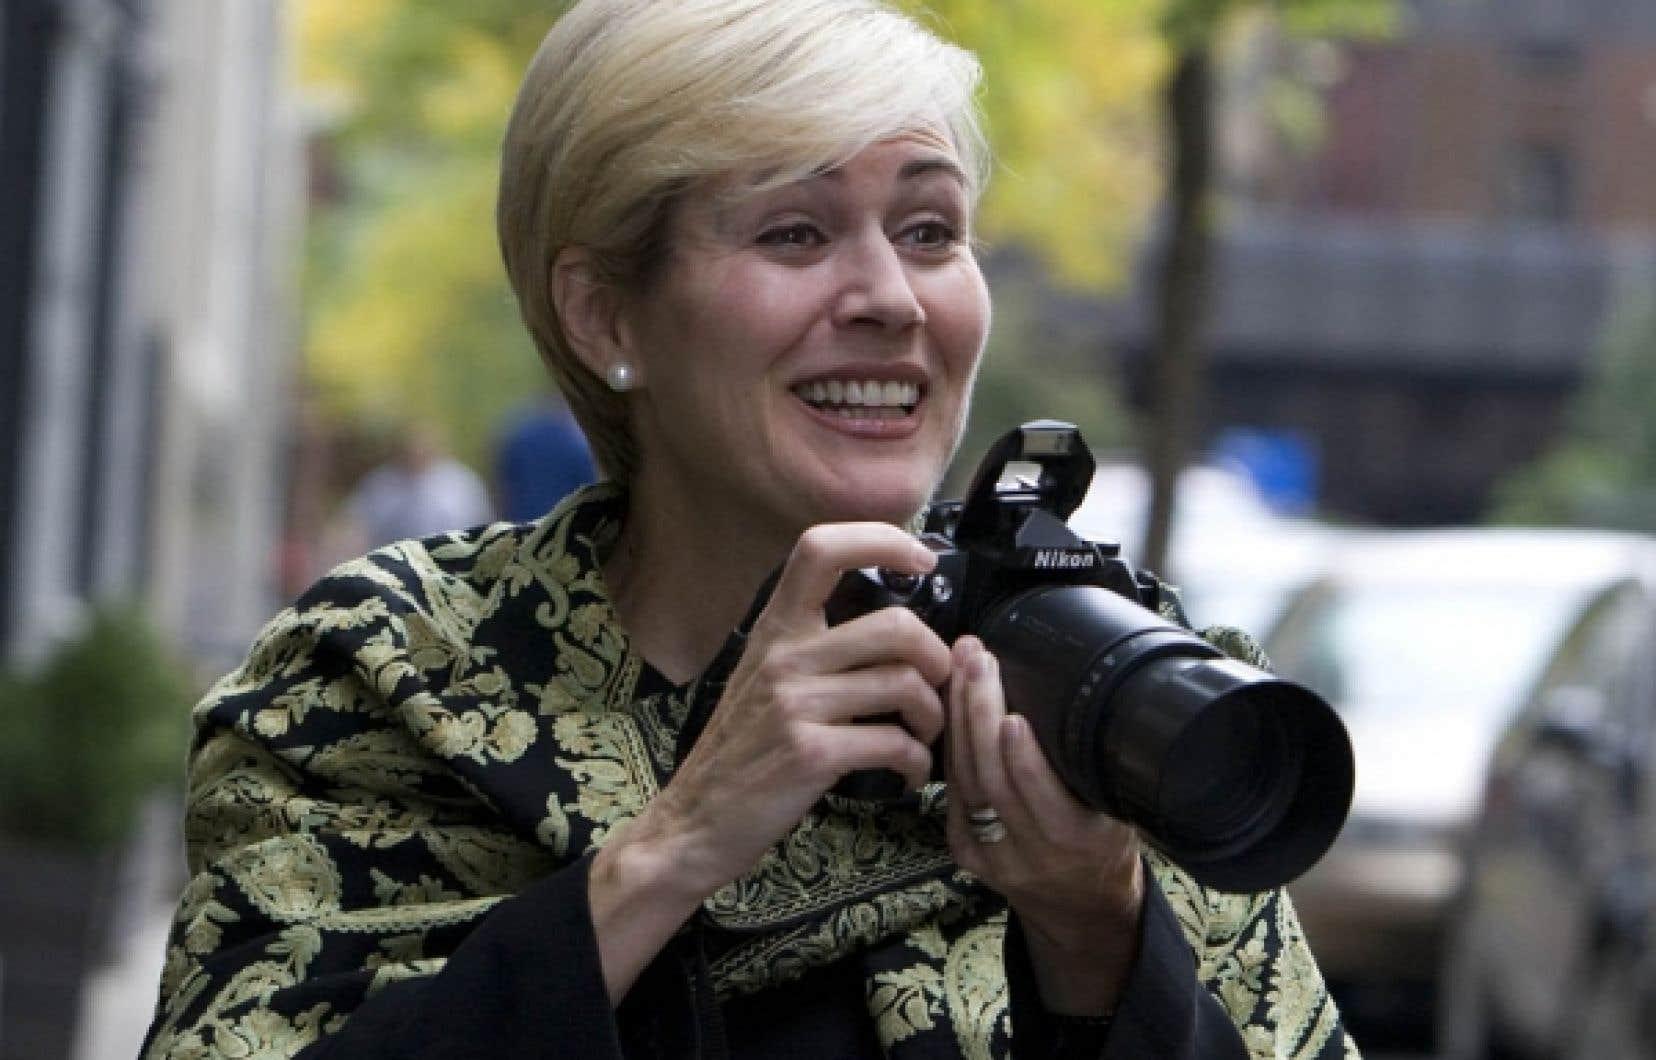 Photographe amateur, Mich&egrave;le Dionne est une professionnelle des campagnes de financement, notamment pour la Croix-Rouge. Elle publie son premier livre de photographies cette semaine, pr&eacute;fac&eacute; par le prince Albert de Monaco.<br />